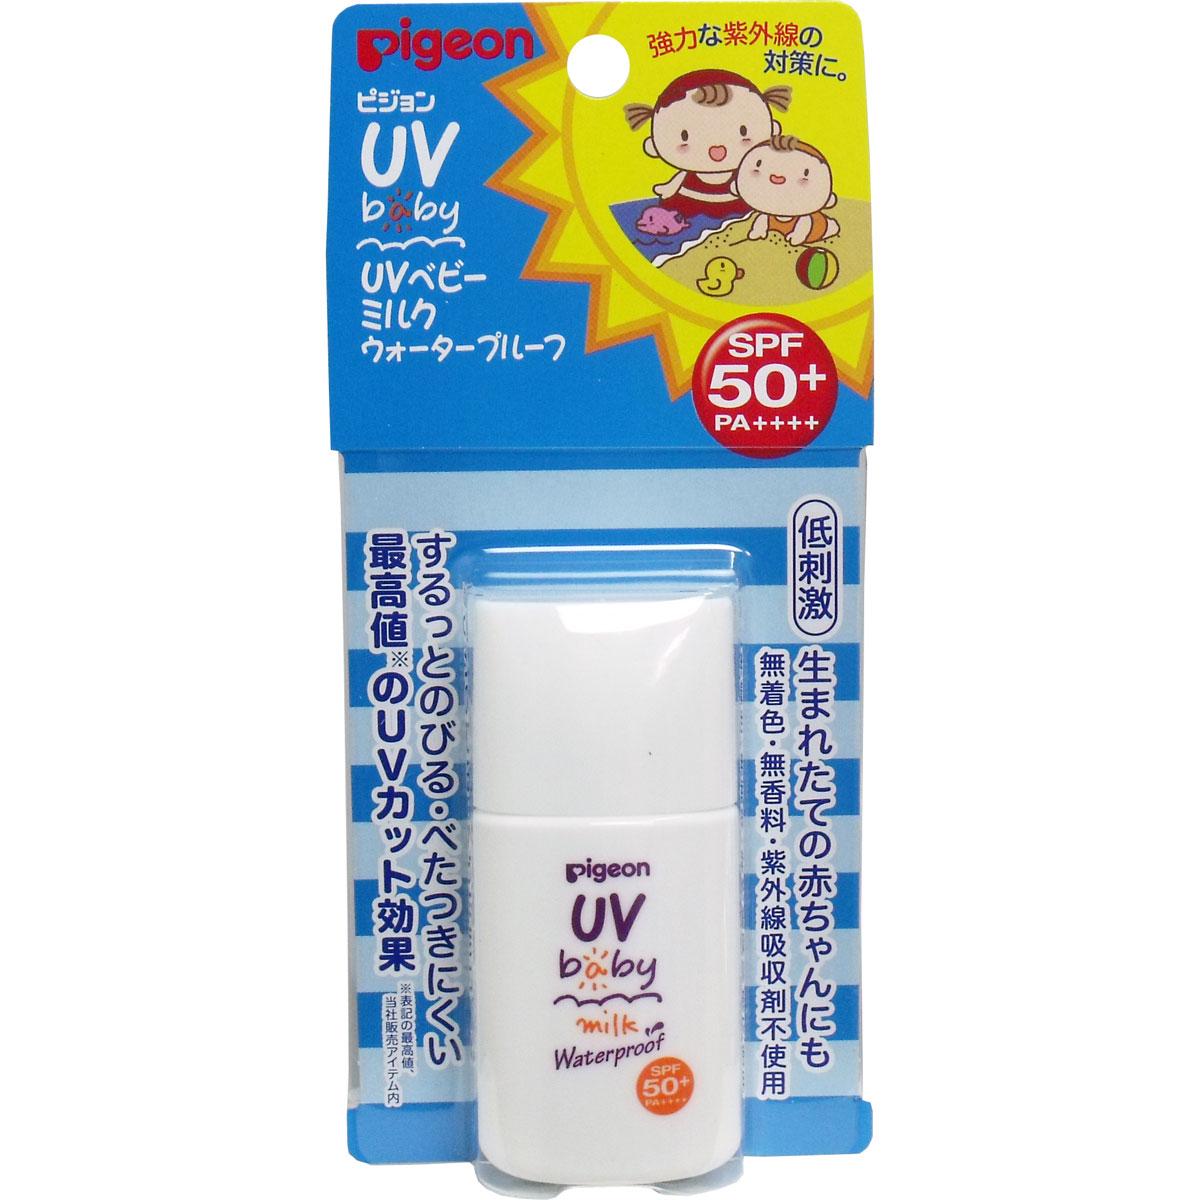 [シーズン終売] ピジョン UVベビーミルク ウォータープルーフ SPF50+PA+++ 20g